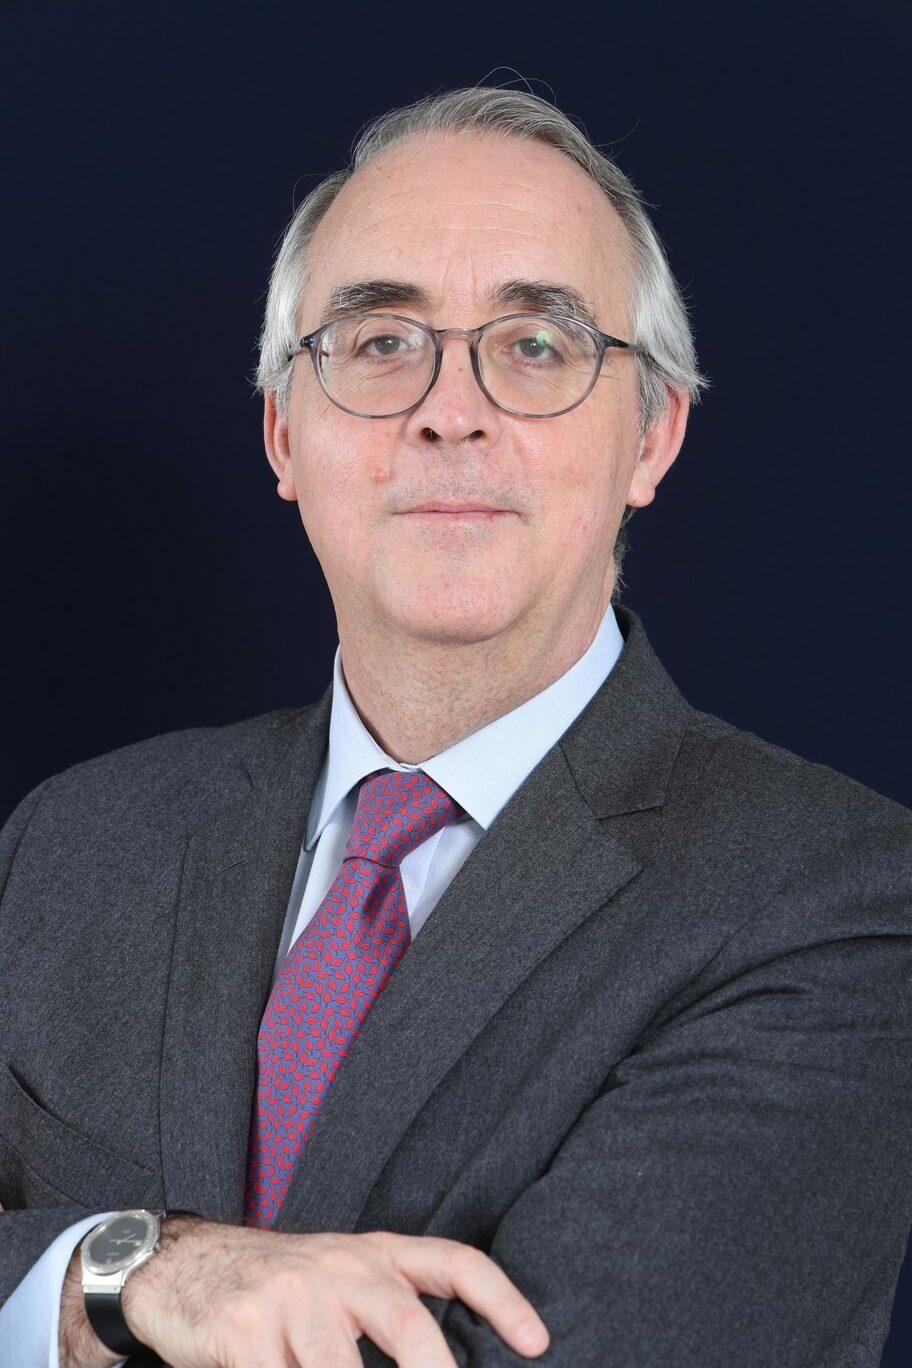 José Antonio Caínzos